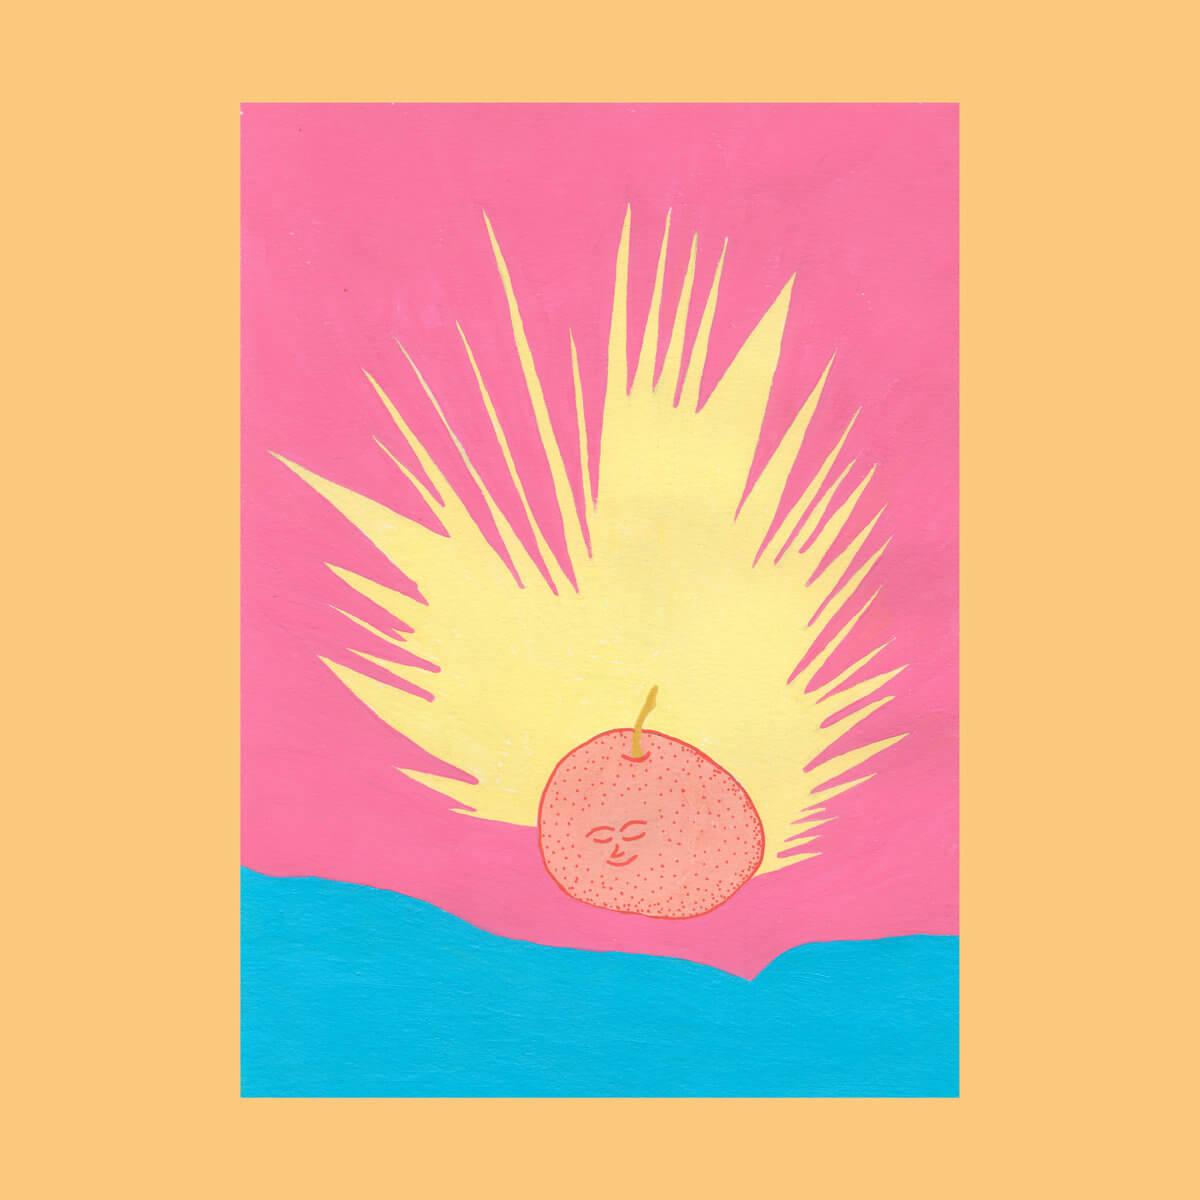 PEACH008LP - Tangerine by Shanti Celeste (Double Vinyl LP) 1